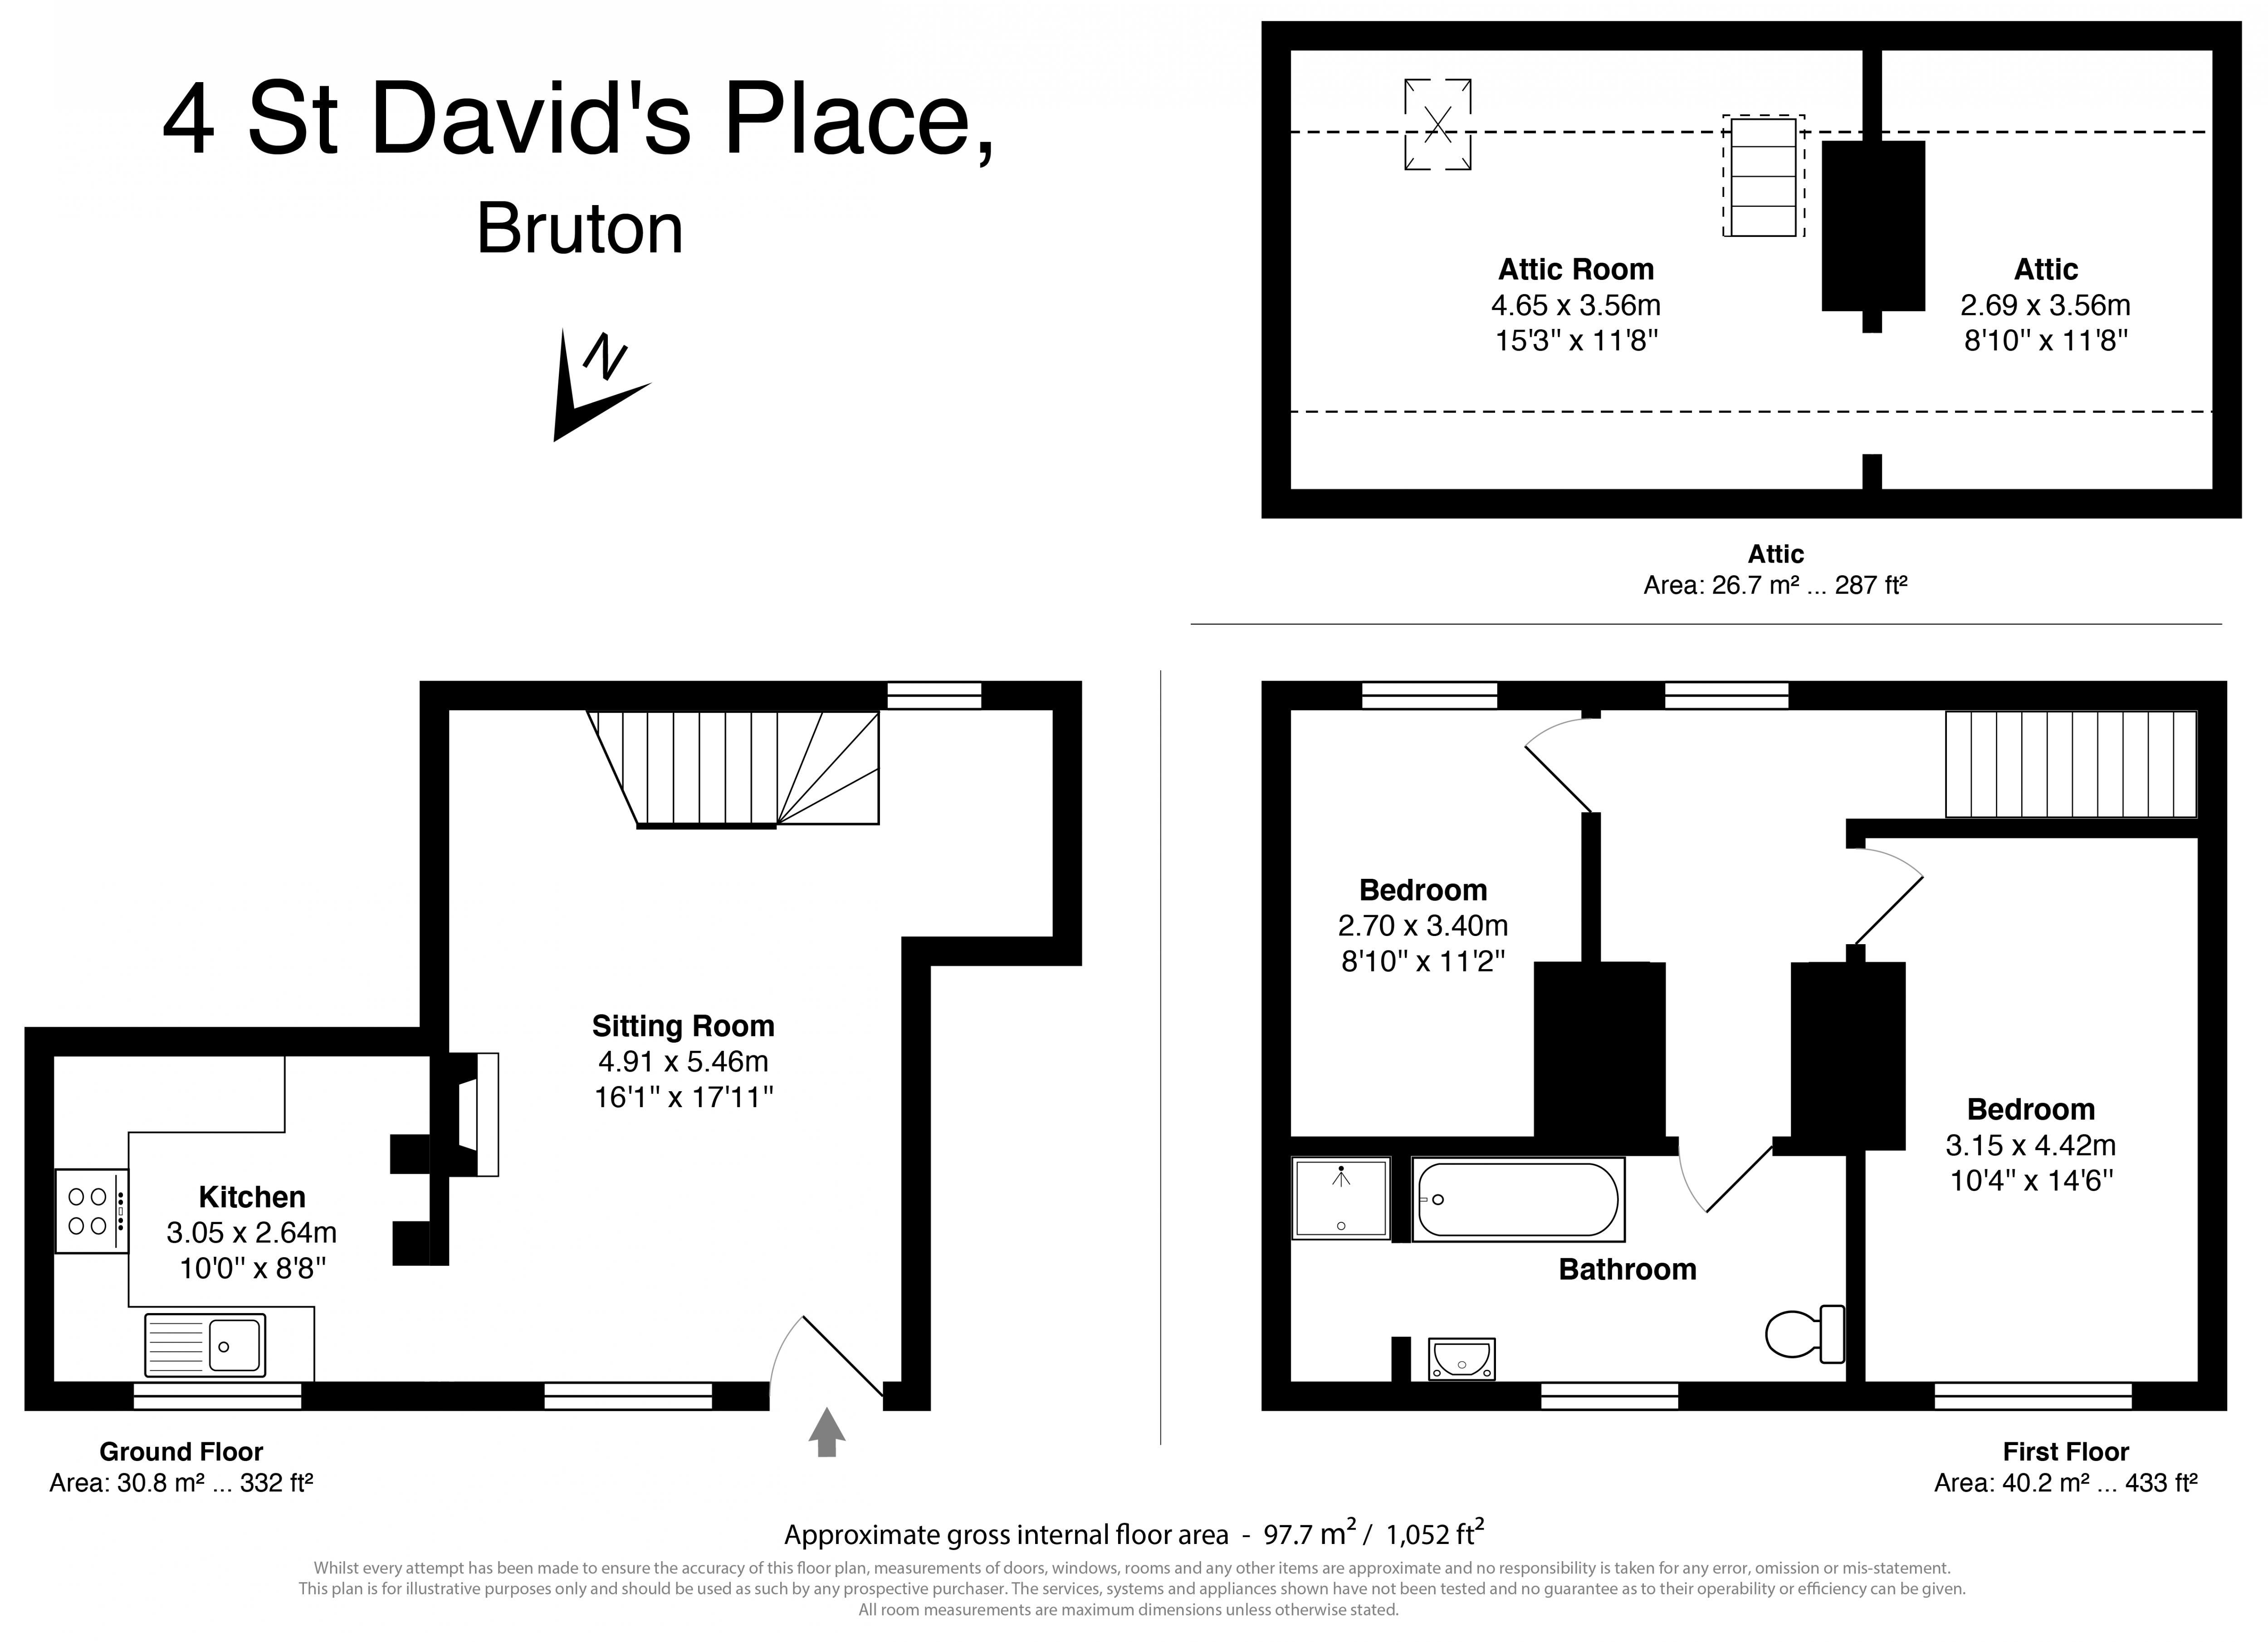 St. Davids Place